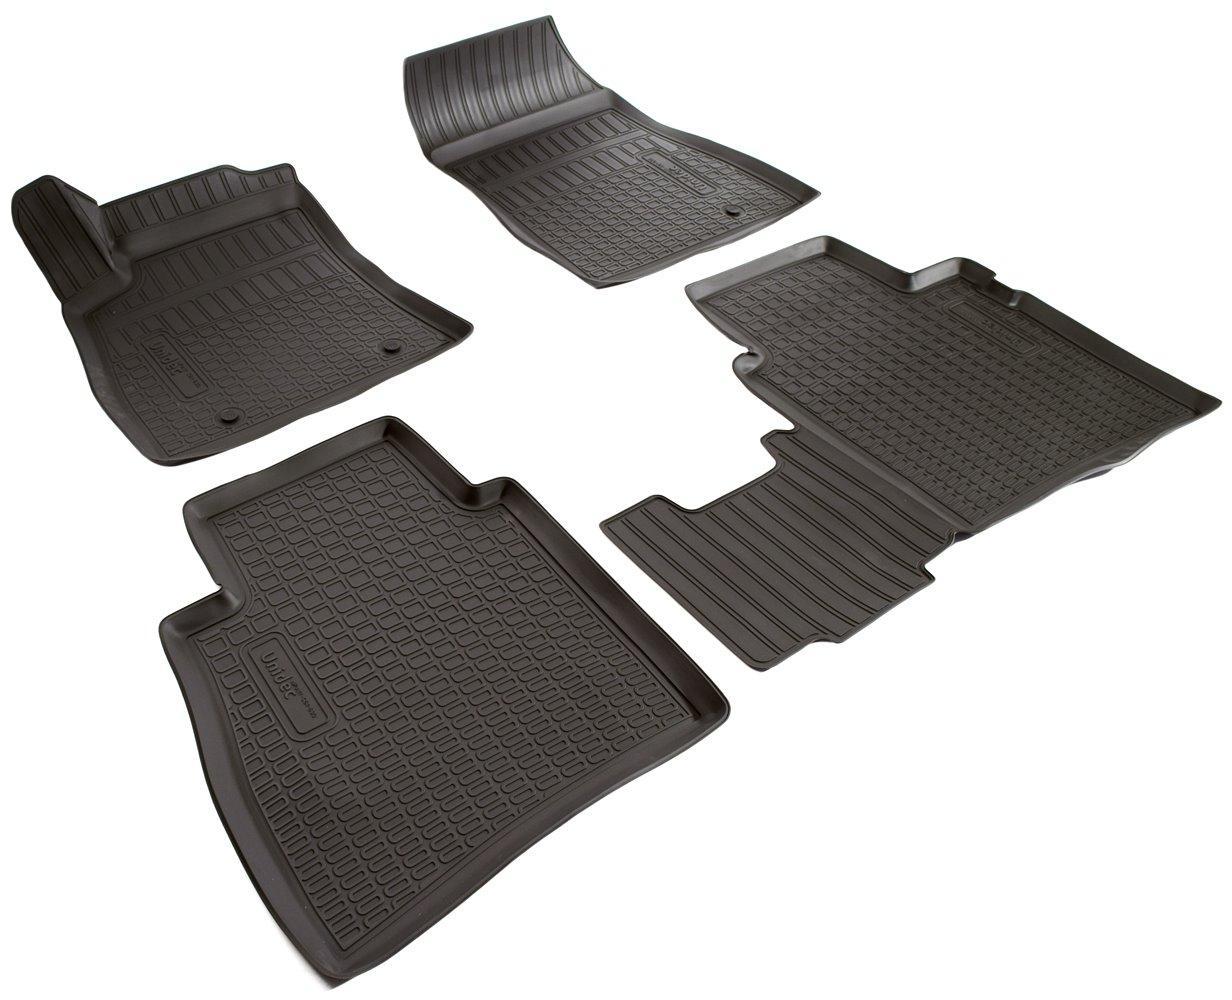 Килимки в салон для Nissan Sentra (B17) (14-) (полиур., компл - 4шт) NPA11-C61-630